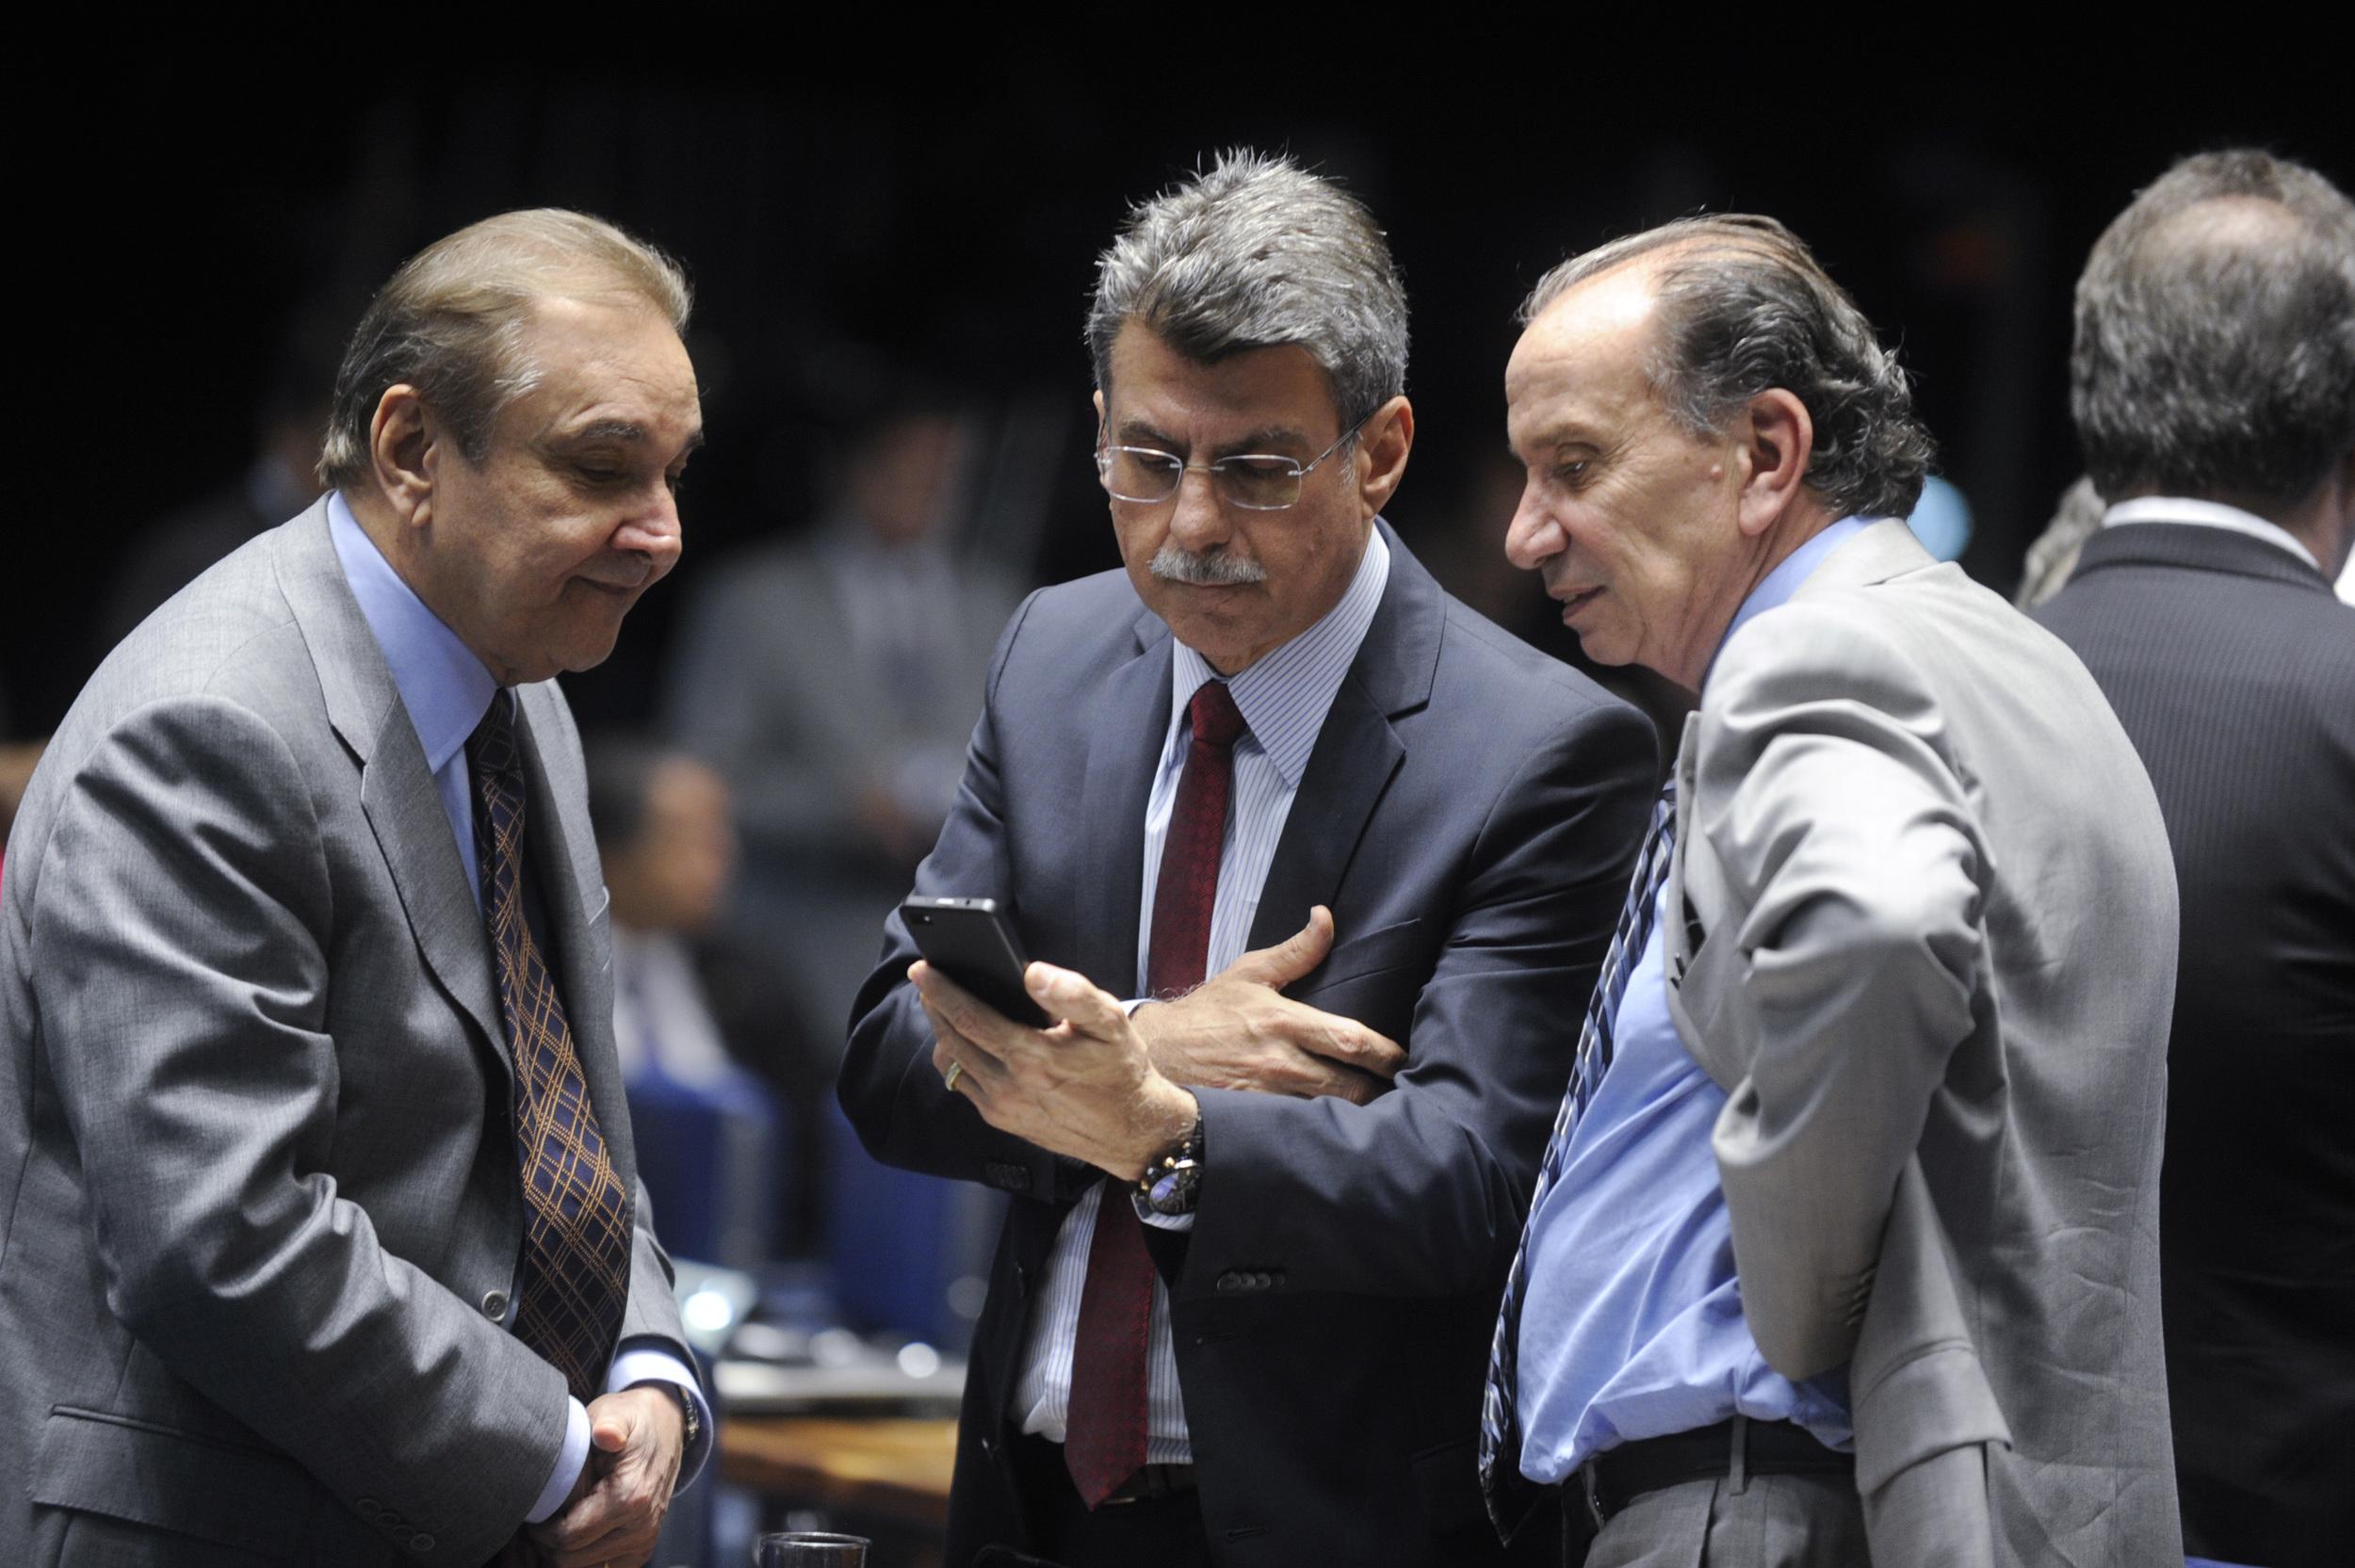 O relatório do senador Romero Jucá (centro) foi aprovado e começará a tramitação no Congresso. Foto: Moreira Mariz / Agência Senado